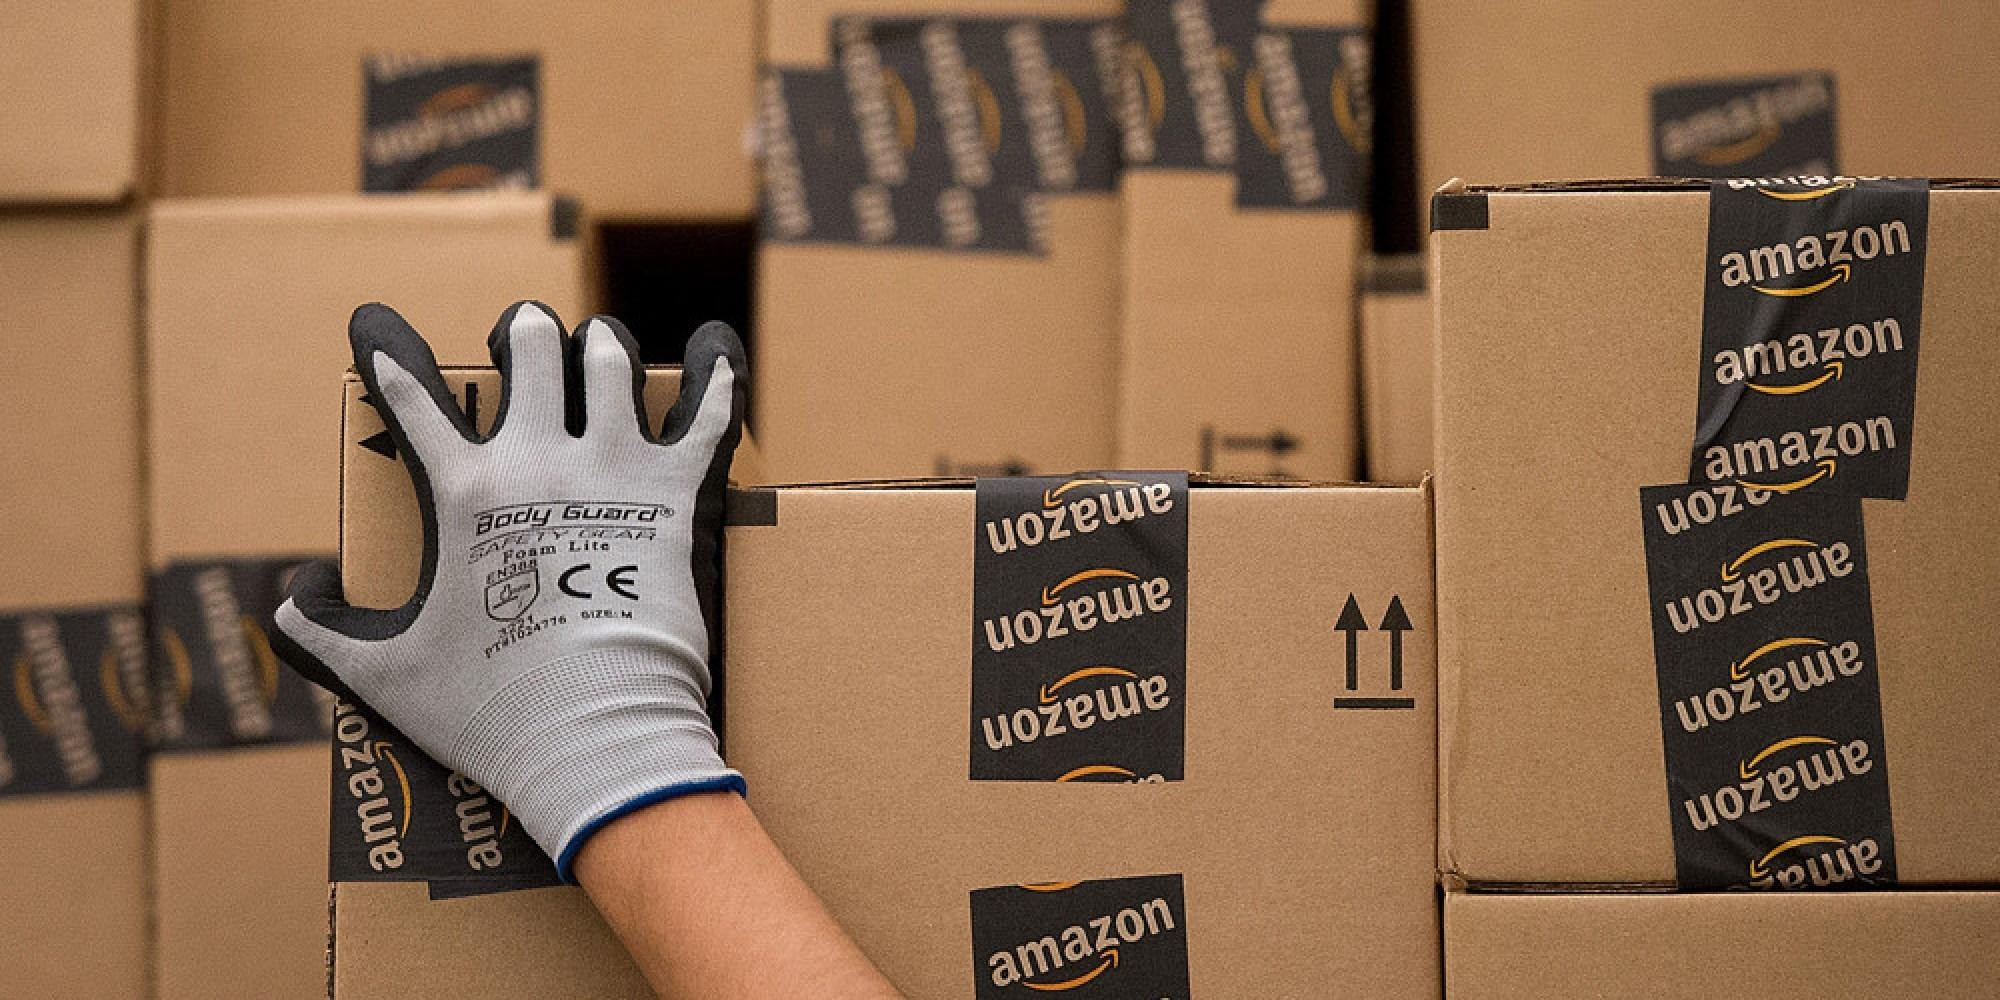 亚马逊操作模式是什么?铺货模式能获取利润吗?